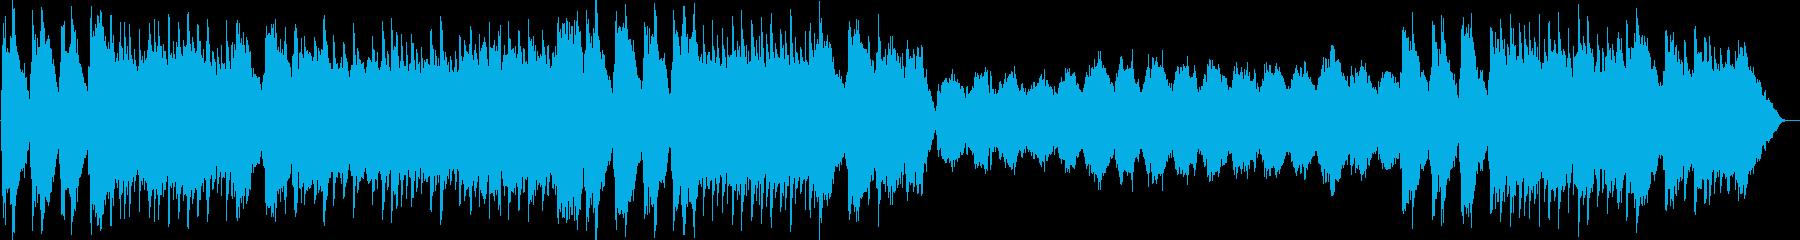 幻想的なメロディのポップスの再生済みの波形